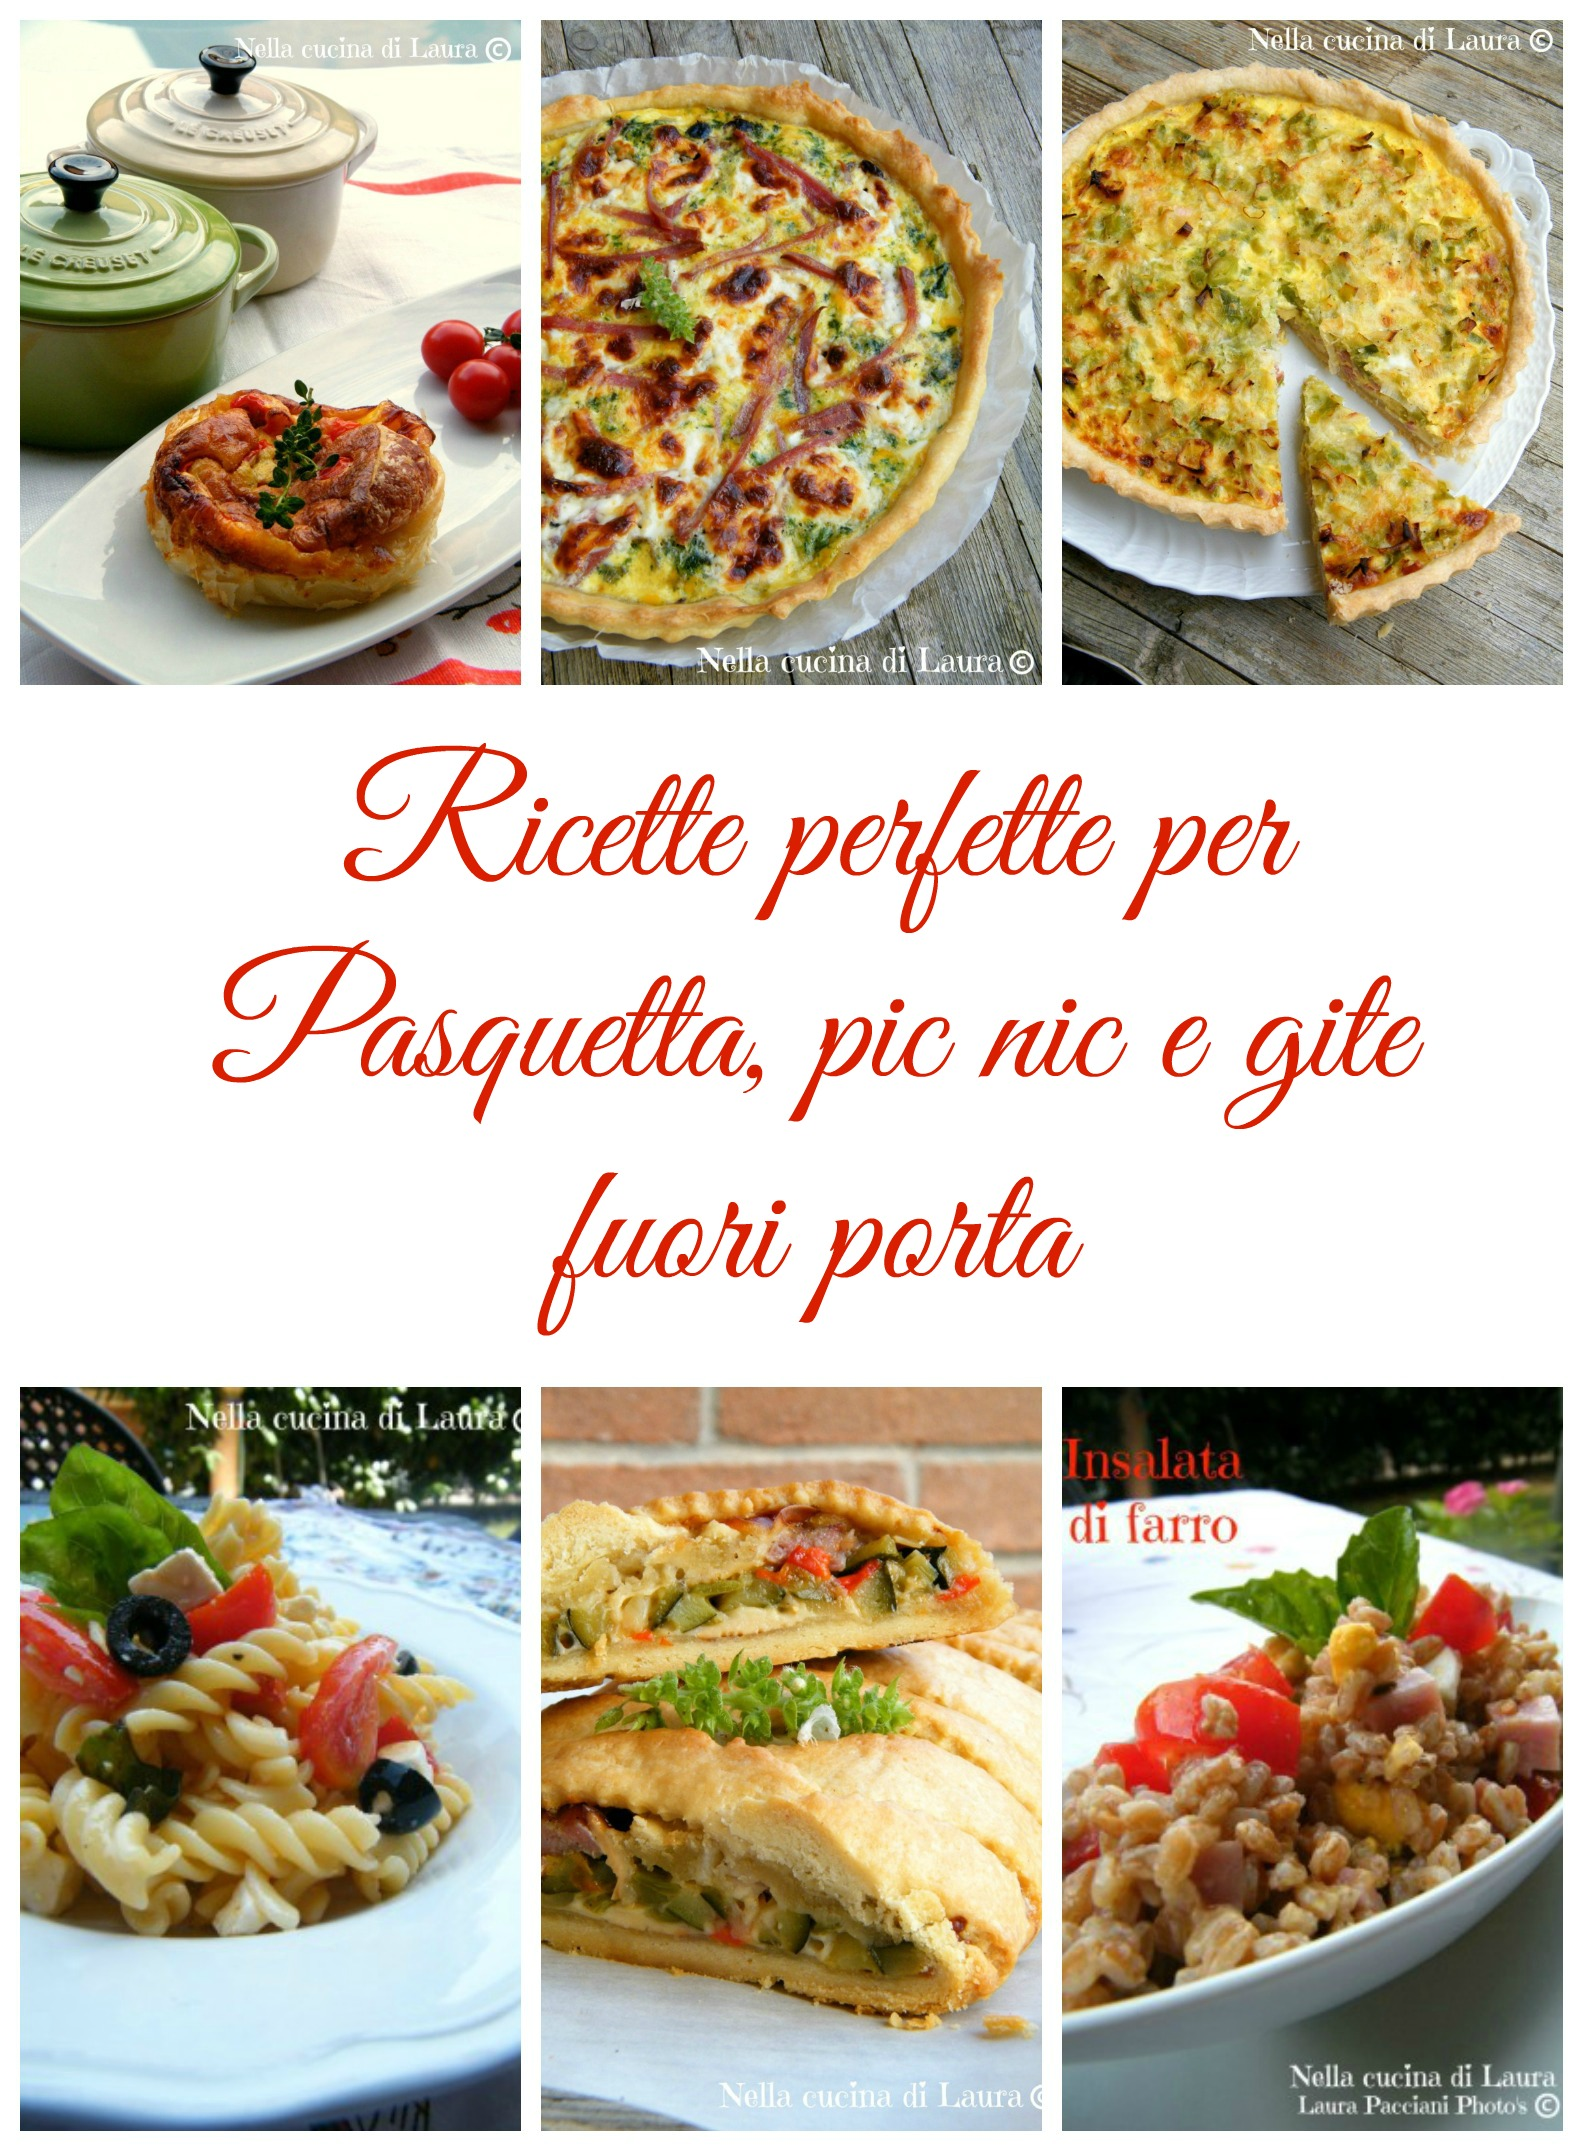 Ricette perfette per Pasquetta pic nic e gite fuori porta - nella cucina di laura